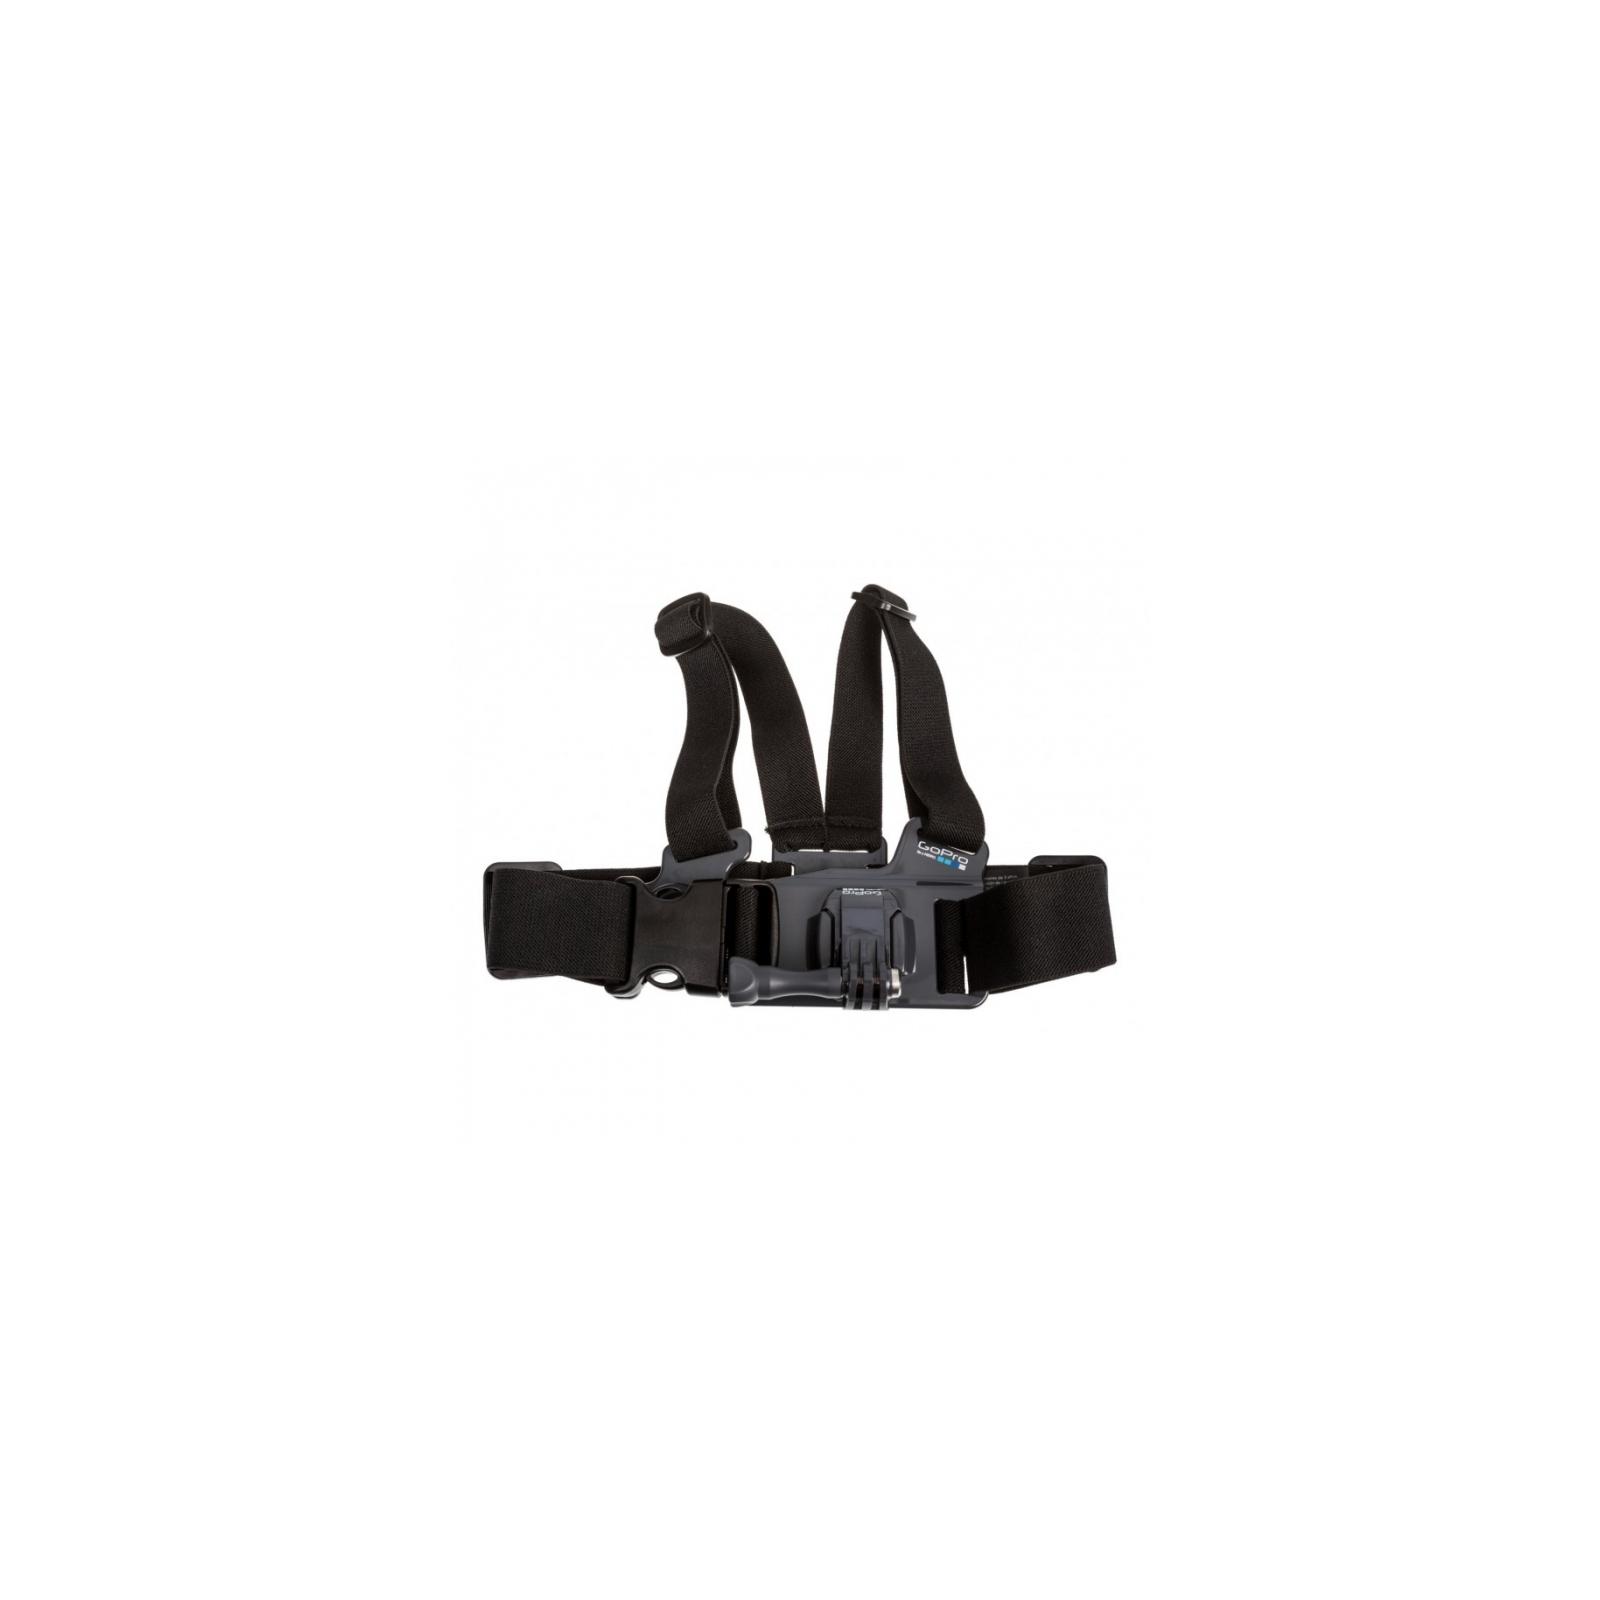 Аксессуар к экшн-камерам GoPro Mount Harness Junior (ACHMJ-301) изображение 2